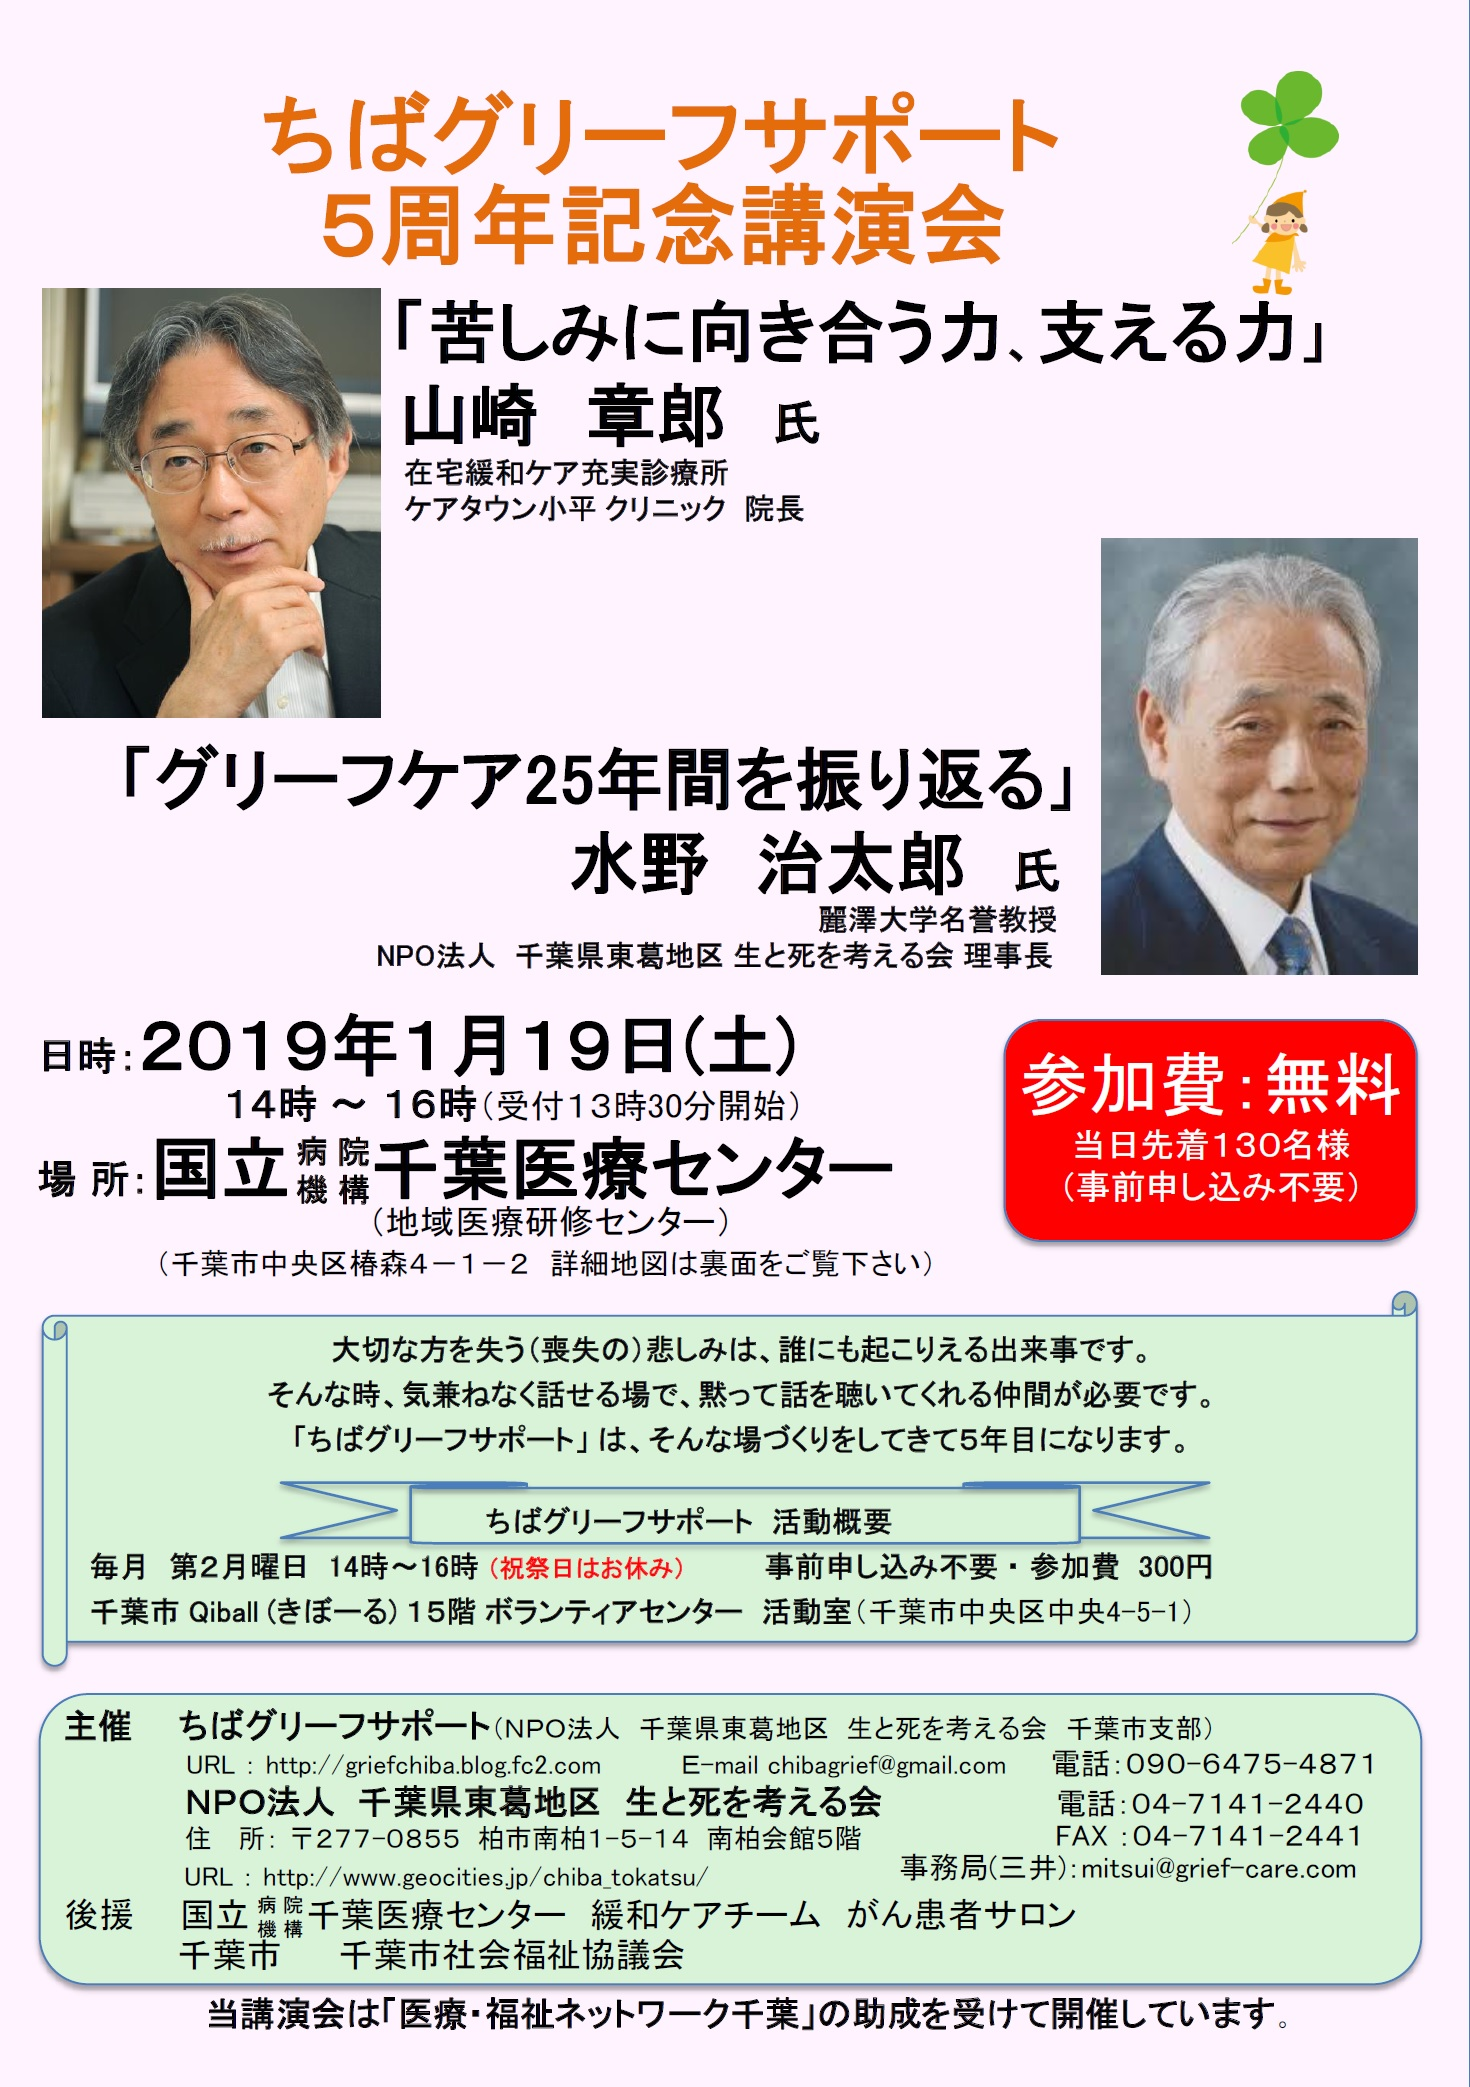 ぐりーふさぽーと5周年記念講演